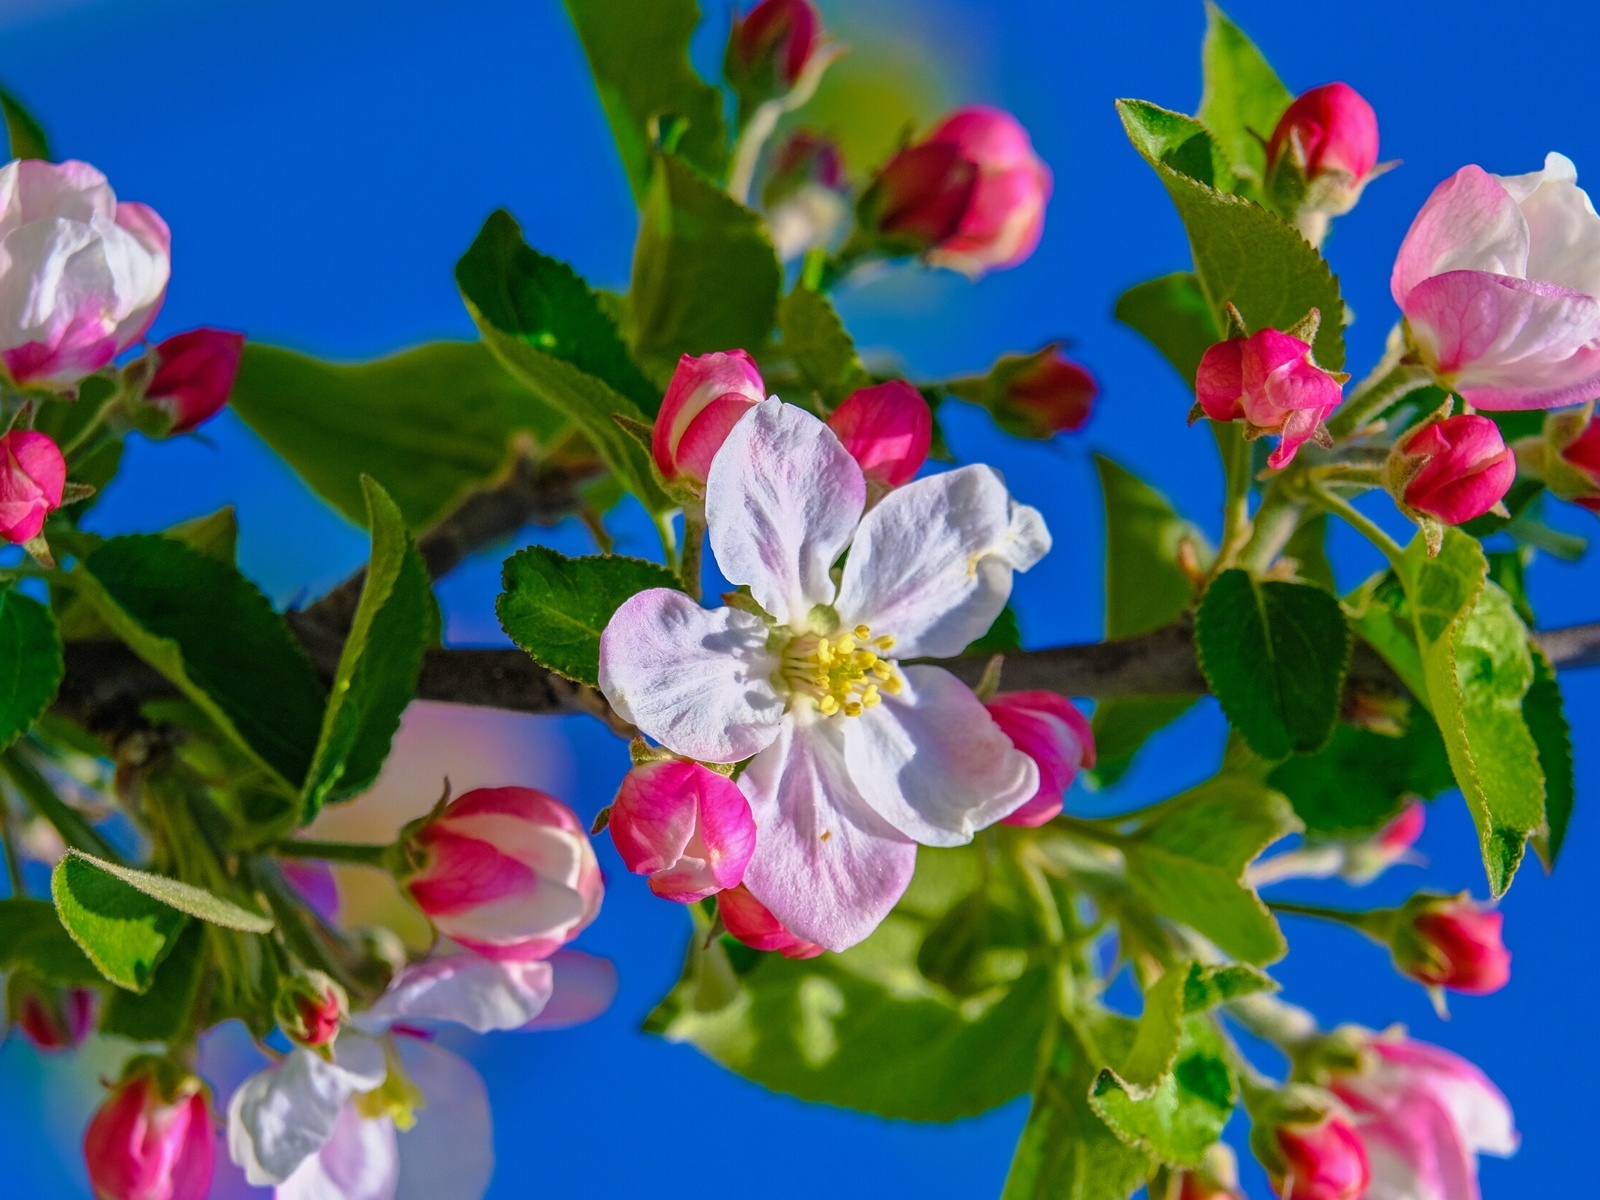 природа, весна, ветка, яблоня, цветение, небо